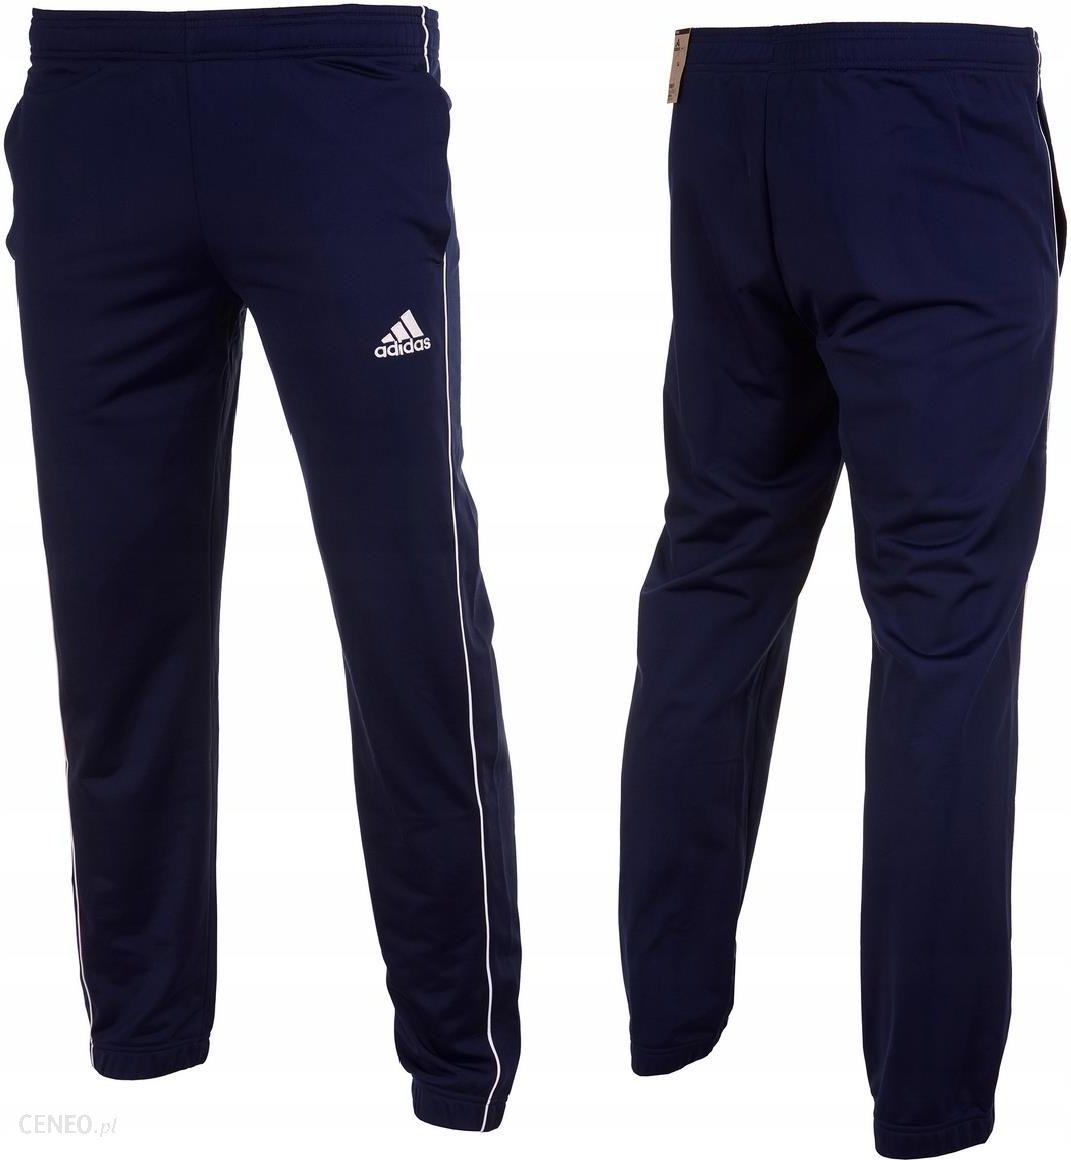 Adidas Spodnie Dresowe Junior Core 18 CV3586 r 140 Ceny i opinie Ceneo.pl